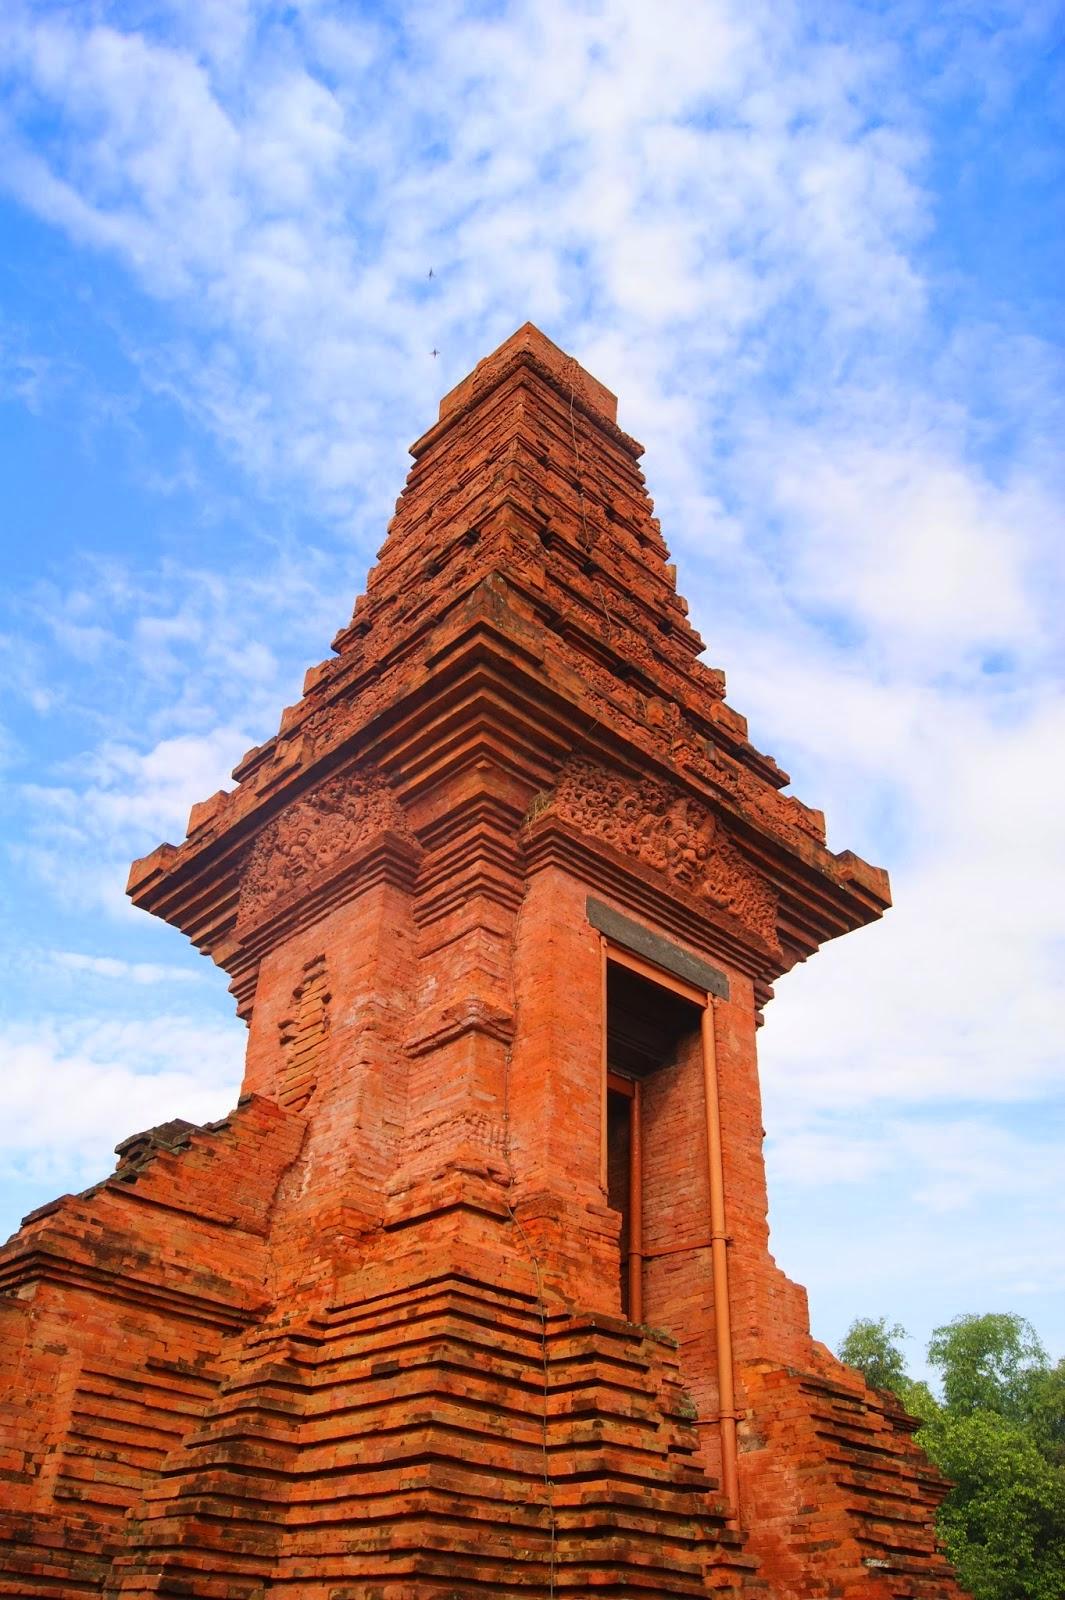 Daftar Candi Mojokerto Beserta Gambar Penjelasan Berikut Bajang Ratu Trowulan